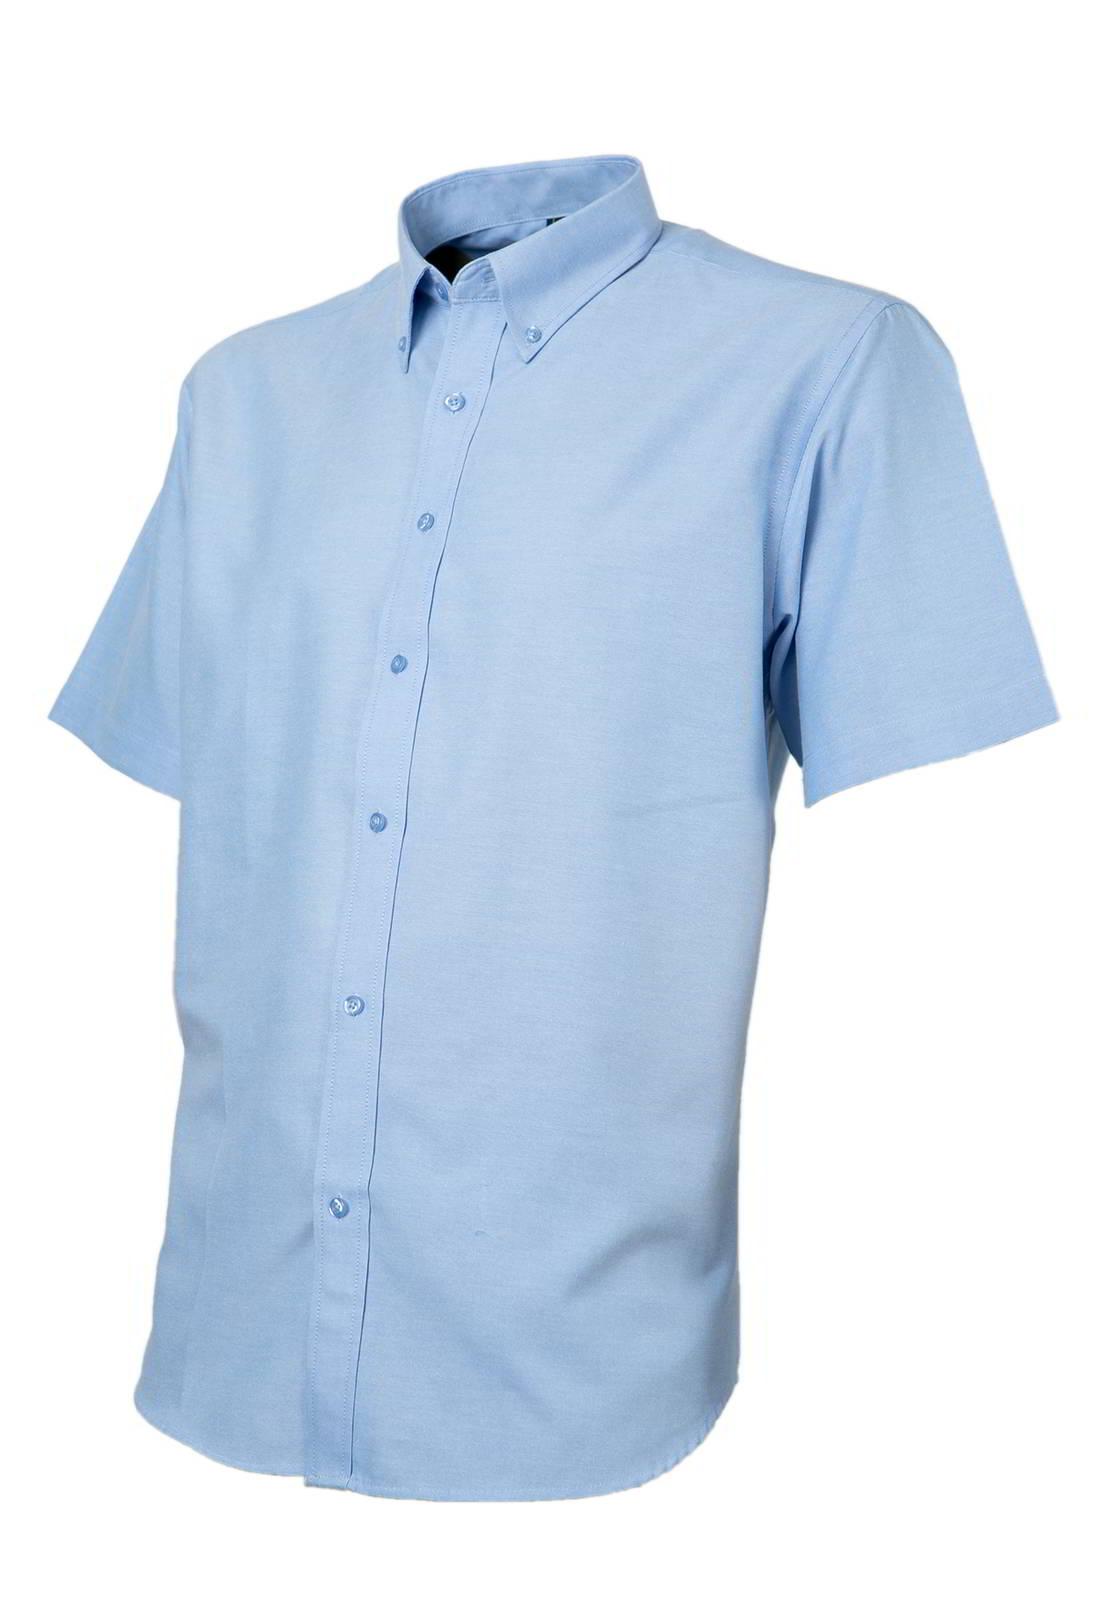 Compra camisa de vaquero blanco online al por mayor de